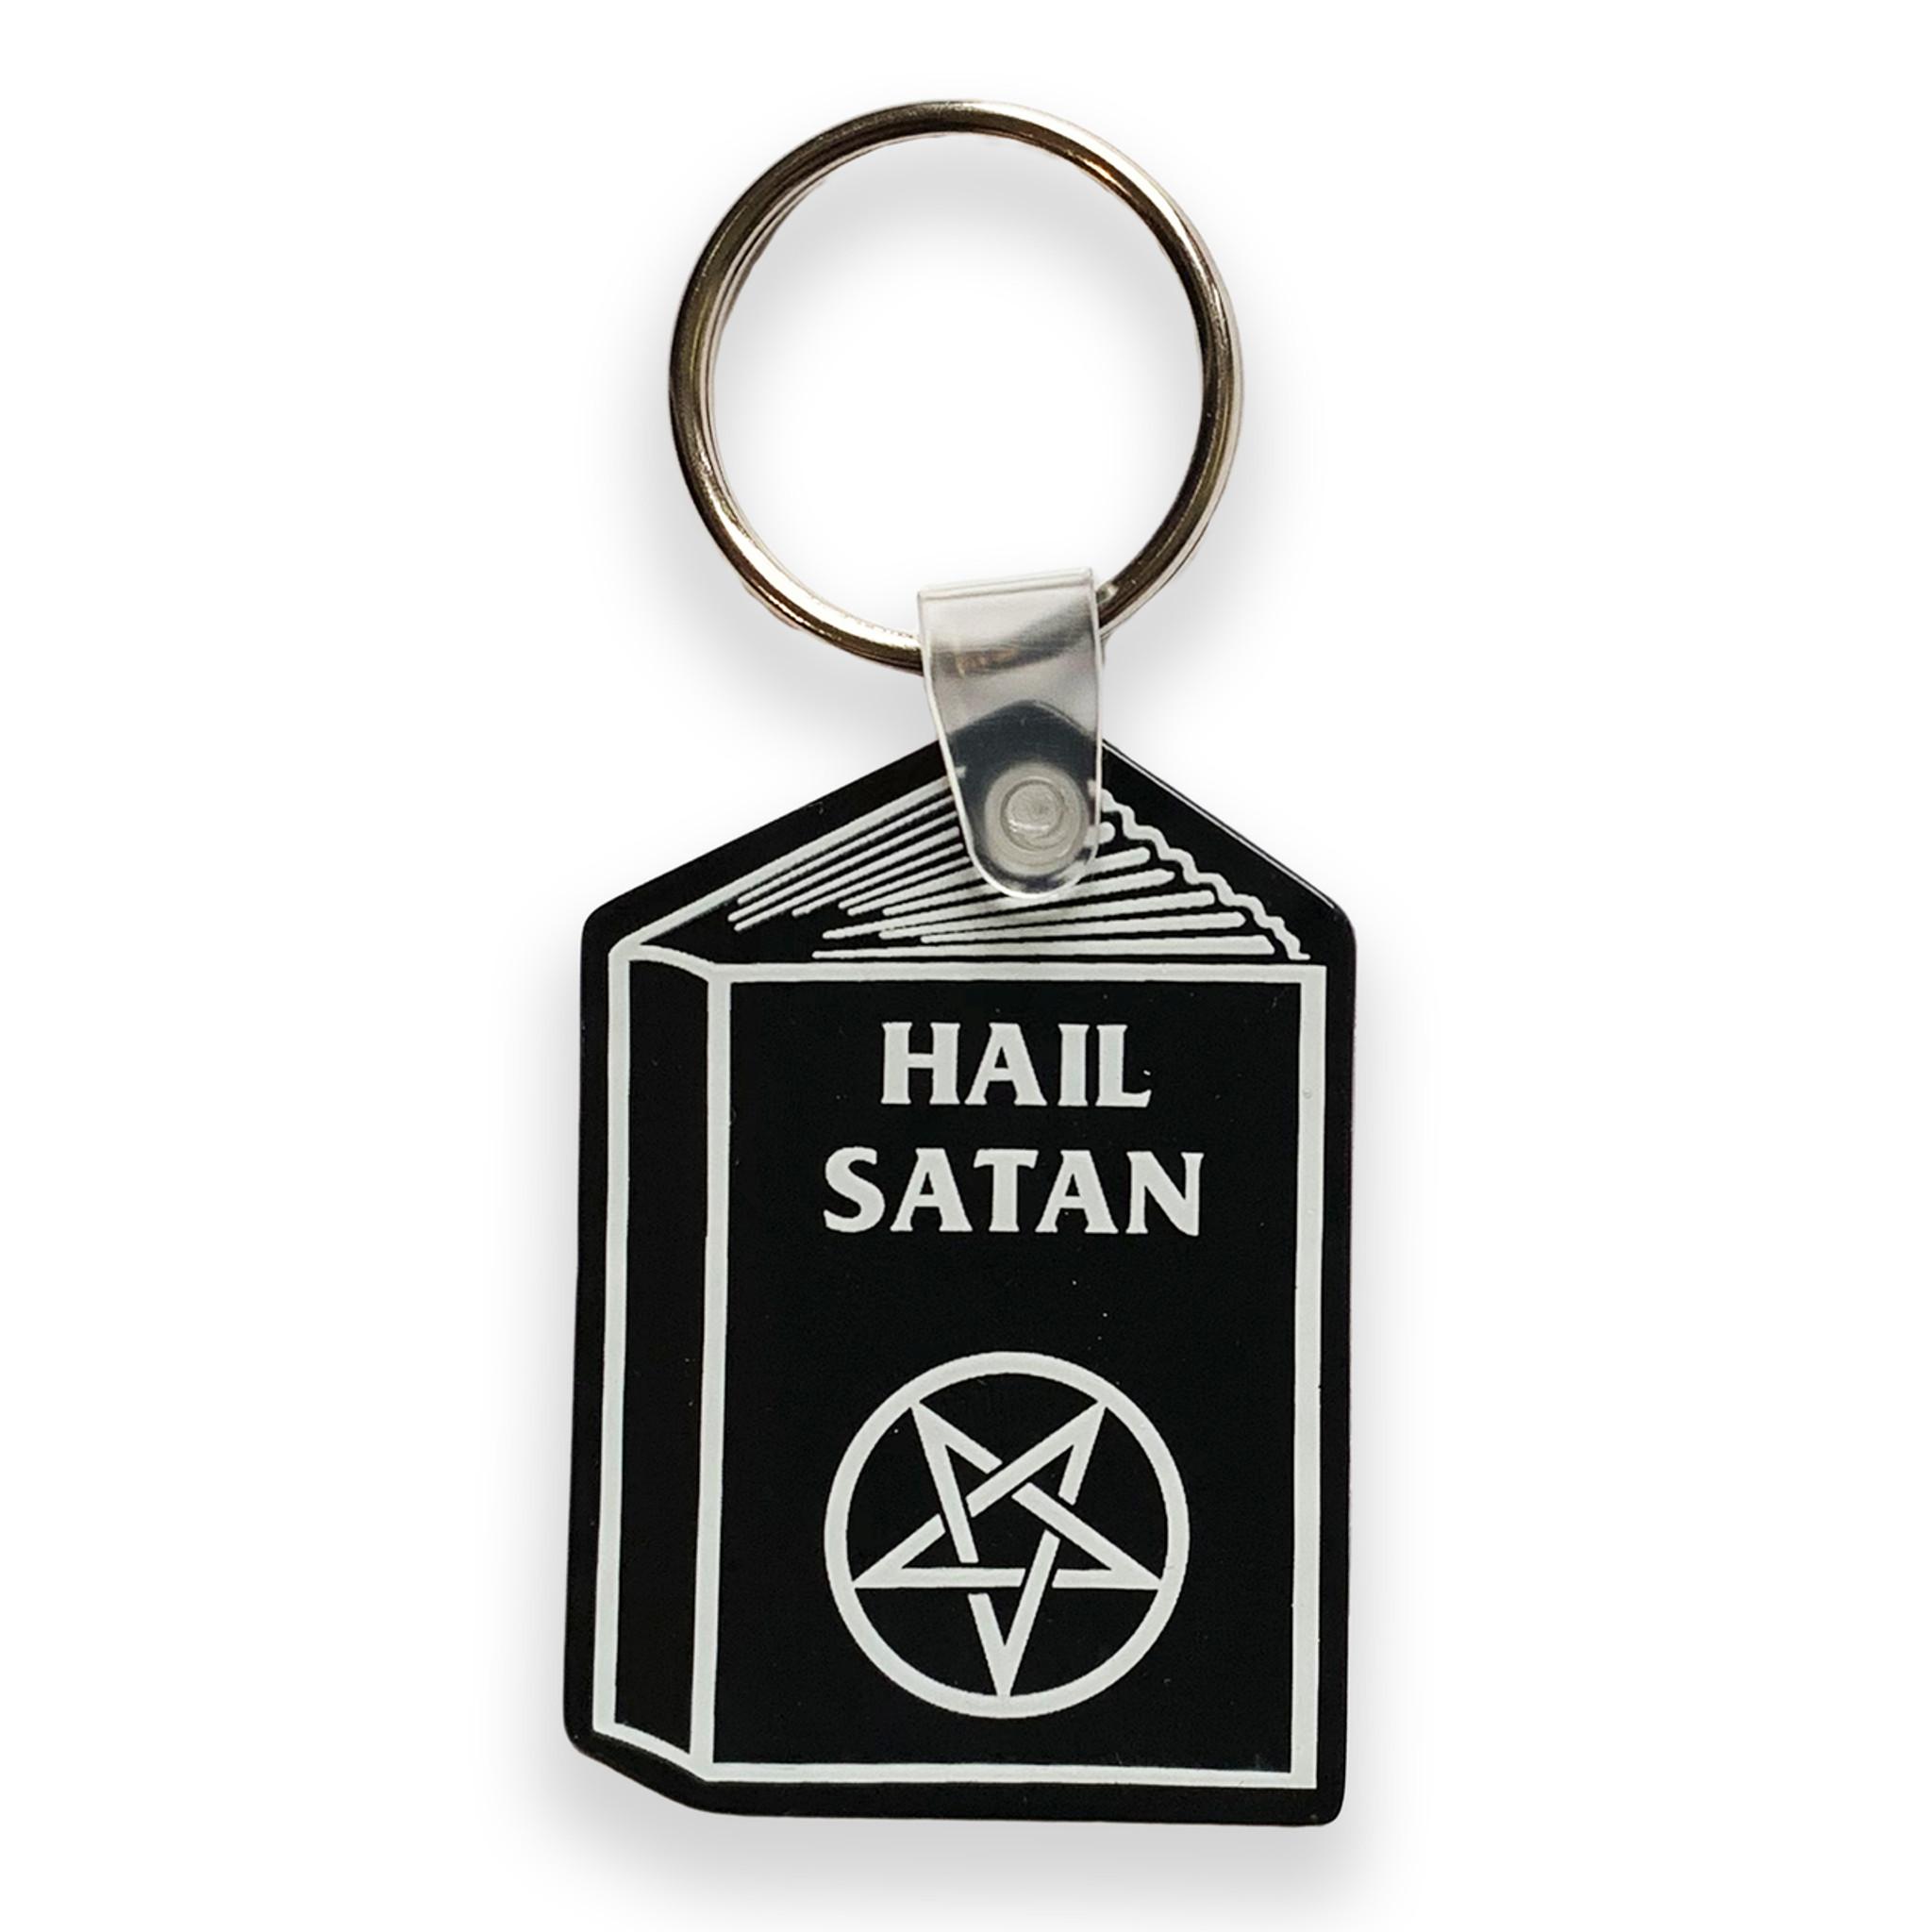 Hail Satan Keychain